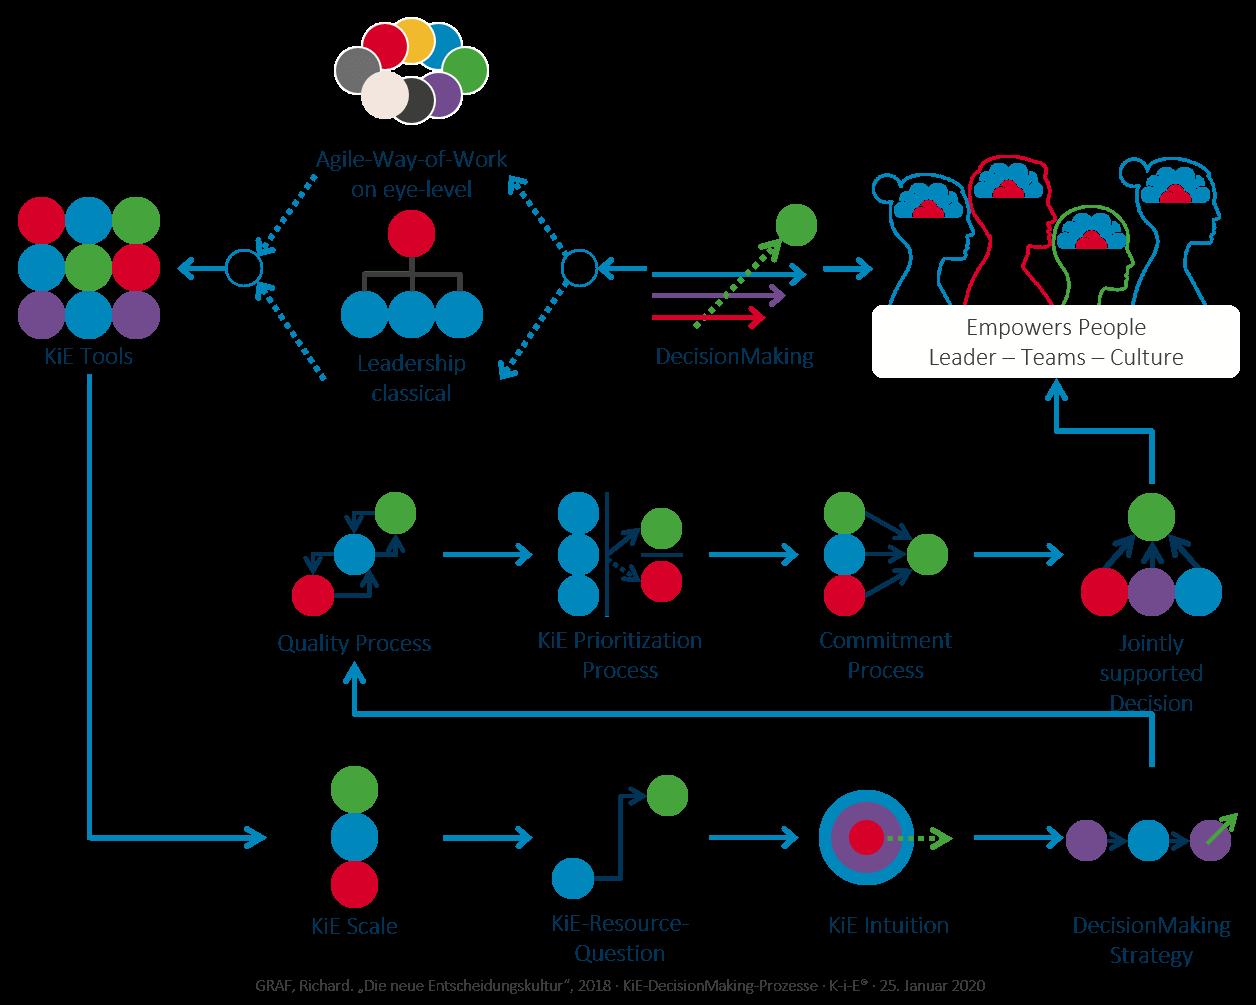 KiE-DecisionMaking processes